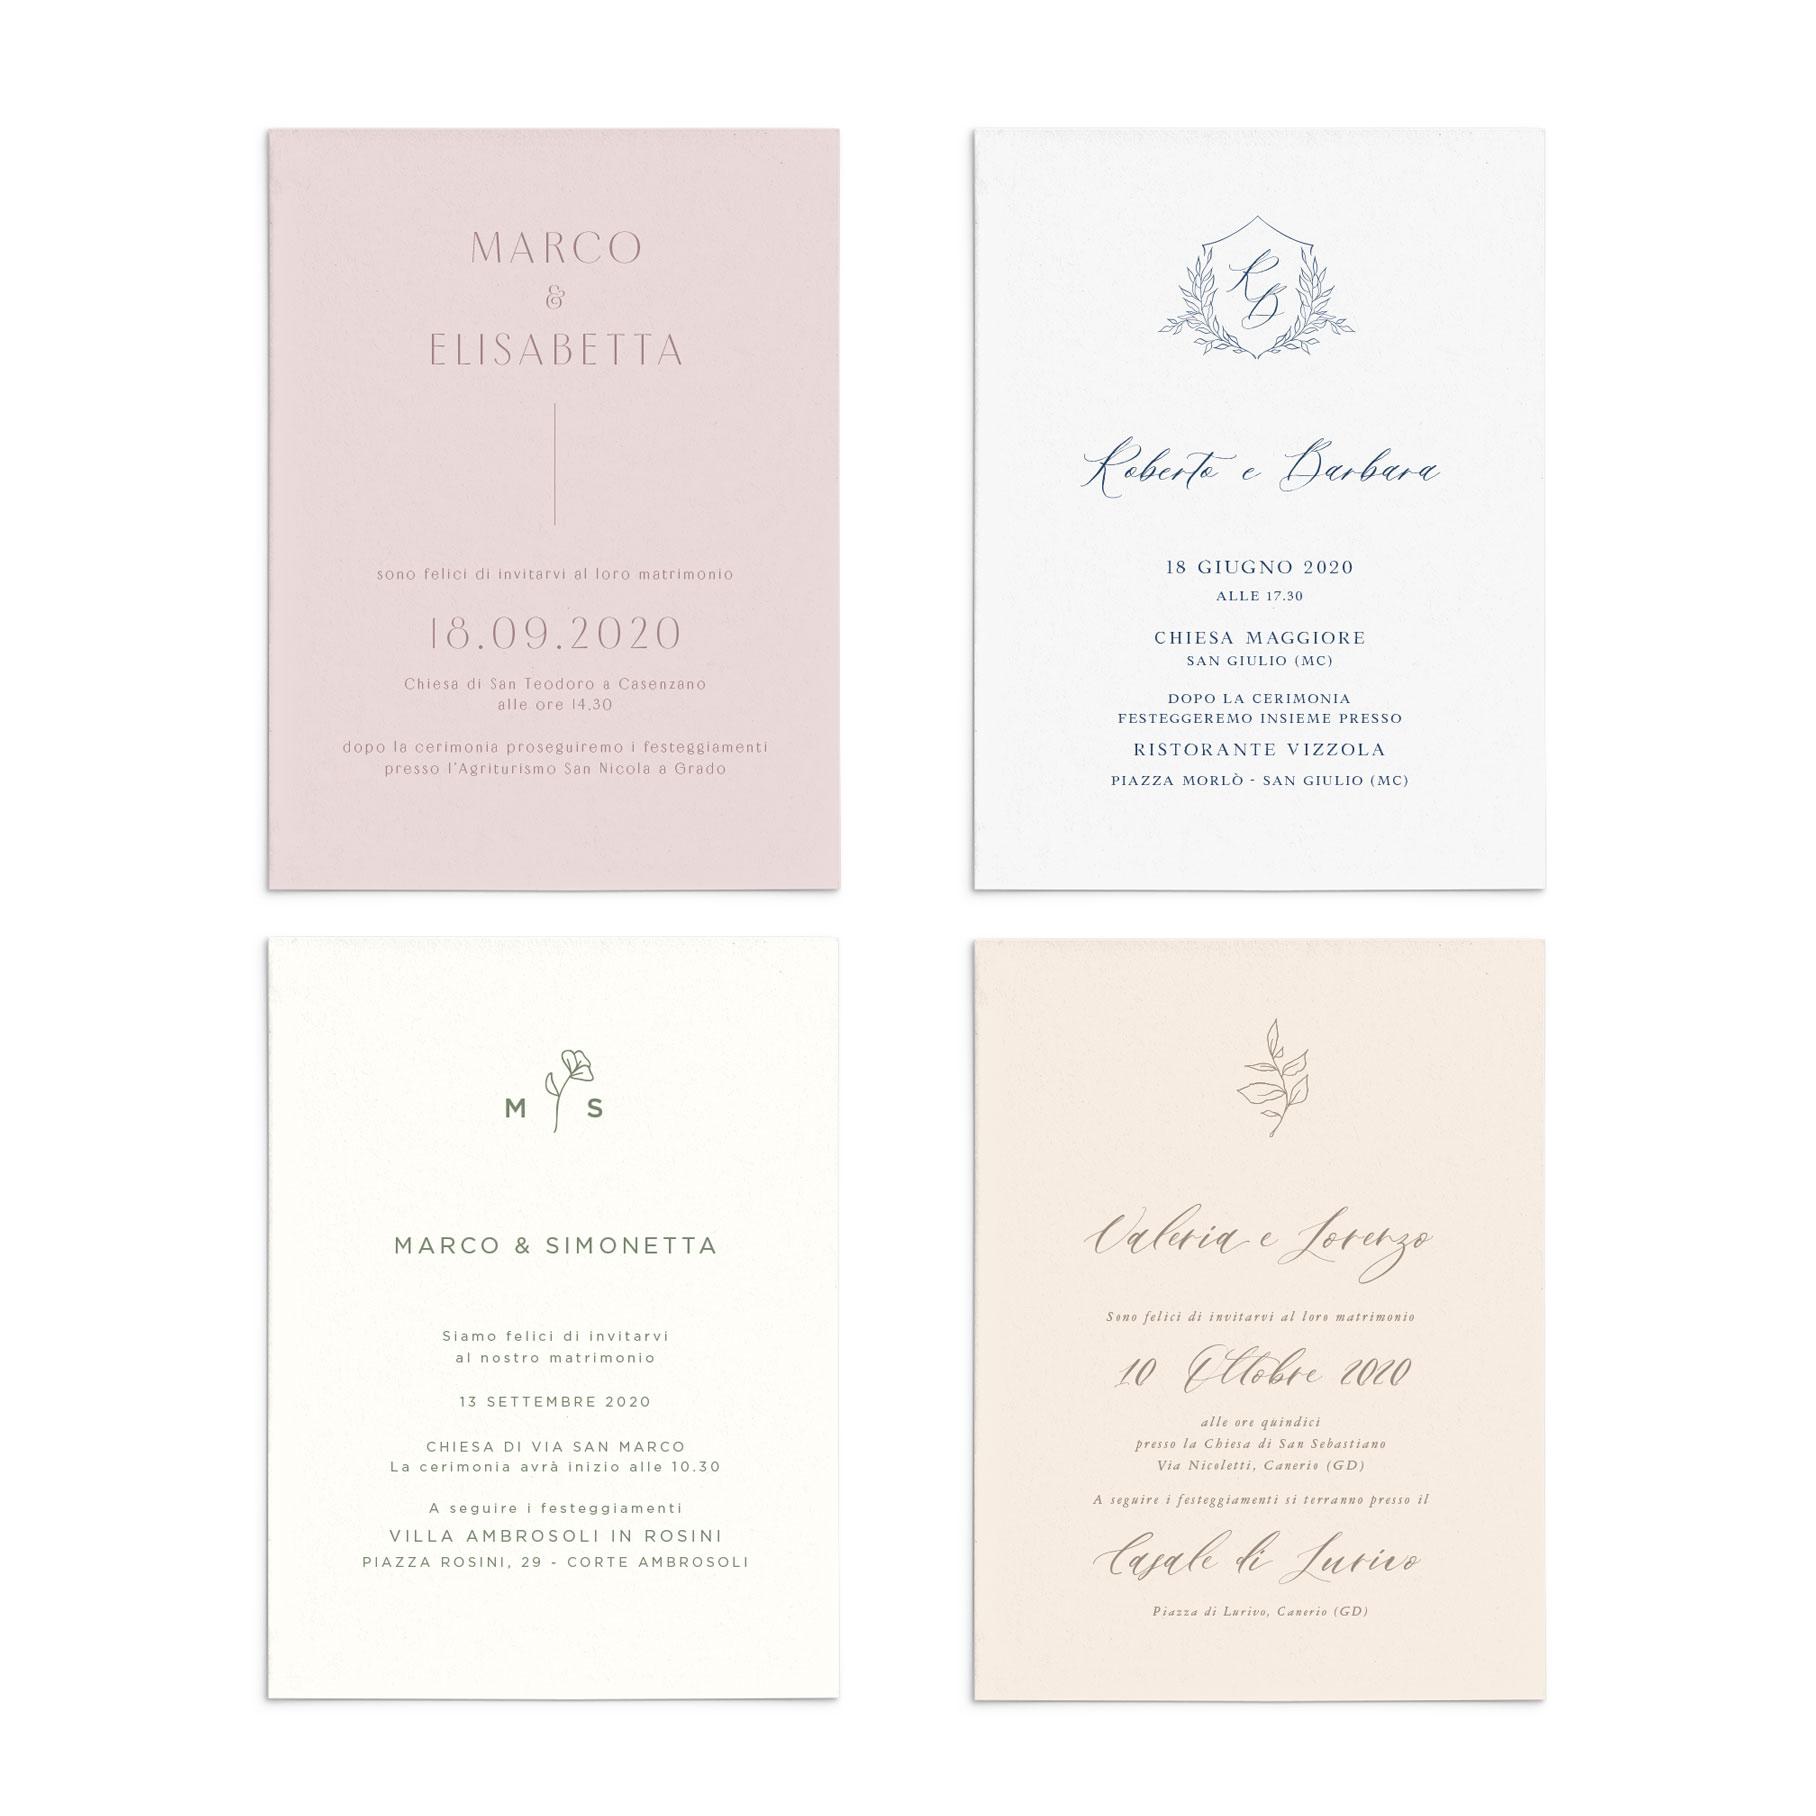 Colori-di-stampa-partecipazioni-inviti-matrimonio-esempi-modelli-catalogo-2020